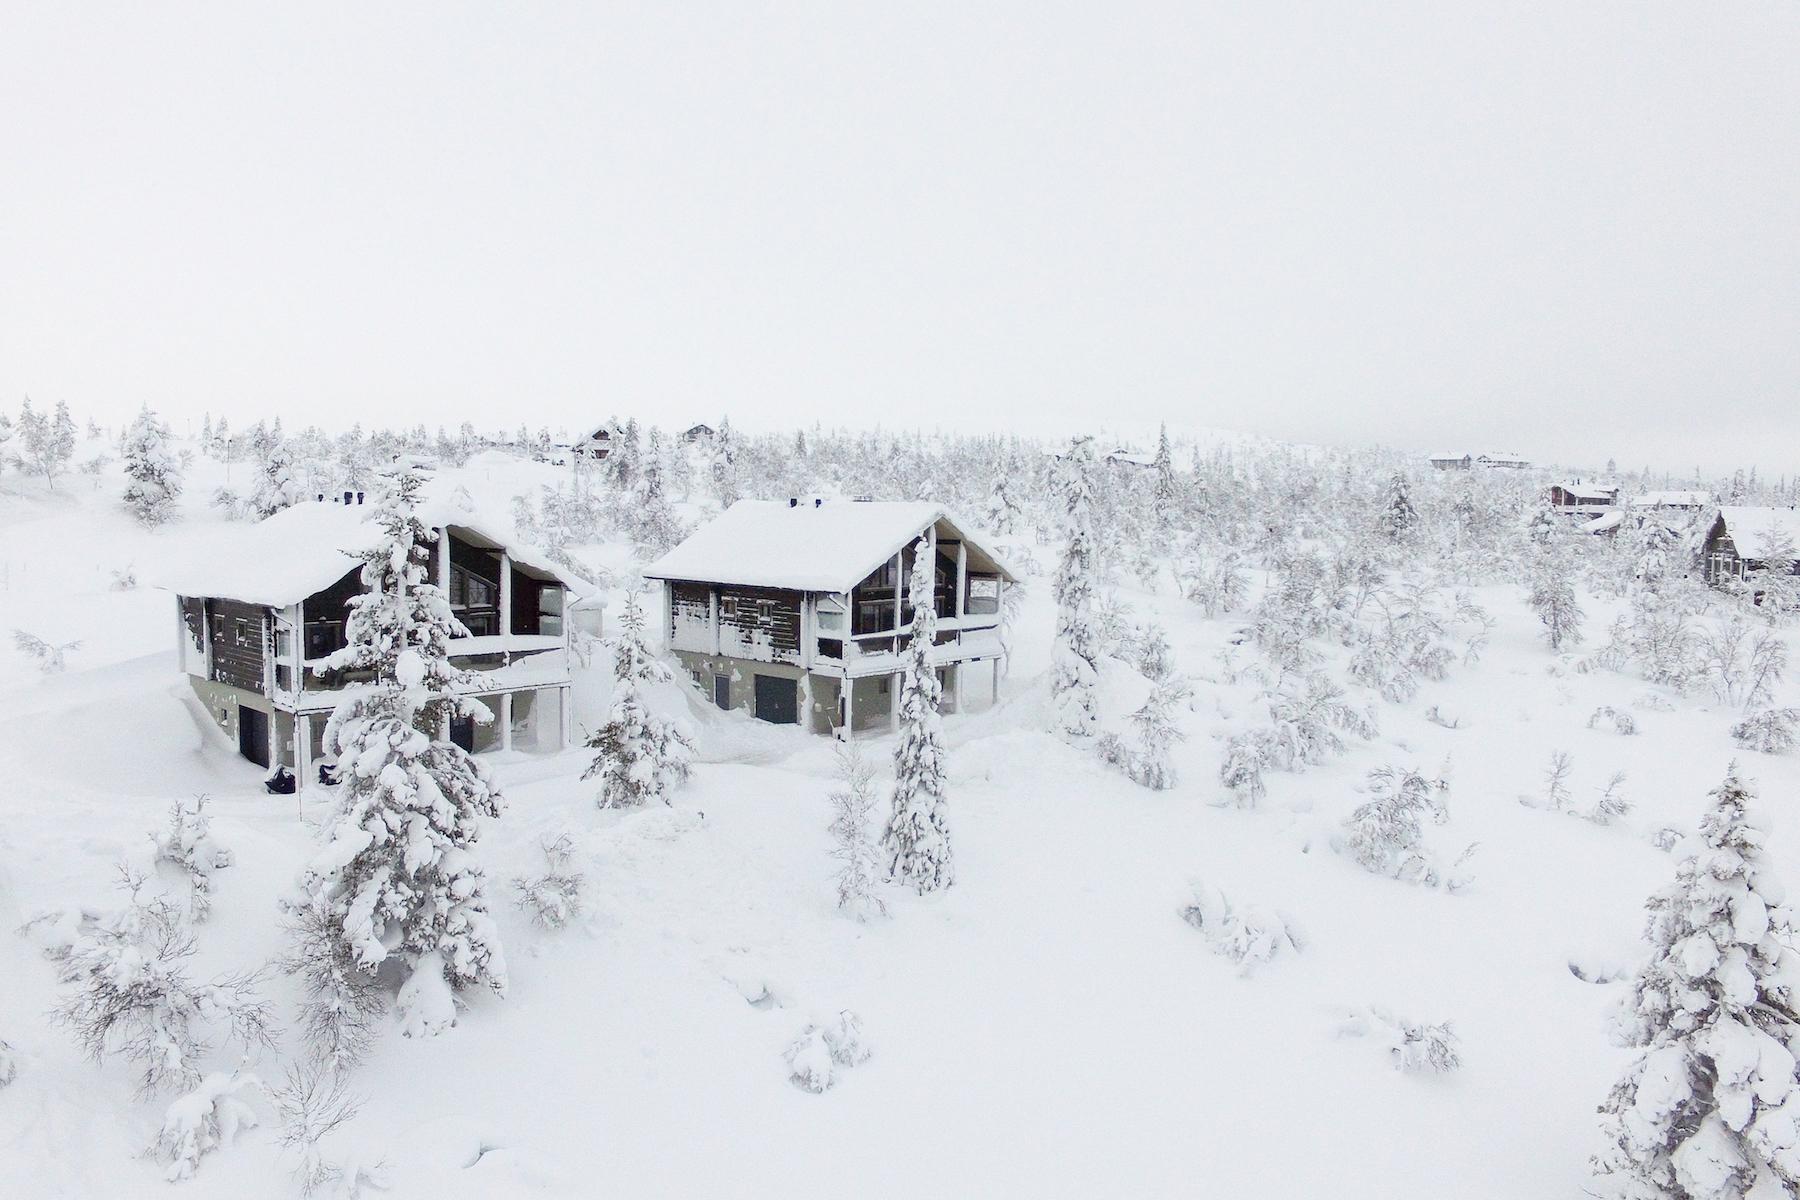 Einfamilienhaus für Verkauf beim Arctic Lumo Tuohitie 3 B Other Cities In Finland, Cities In Finland, 99830 Finland